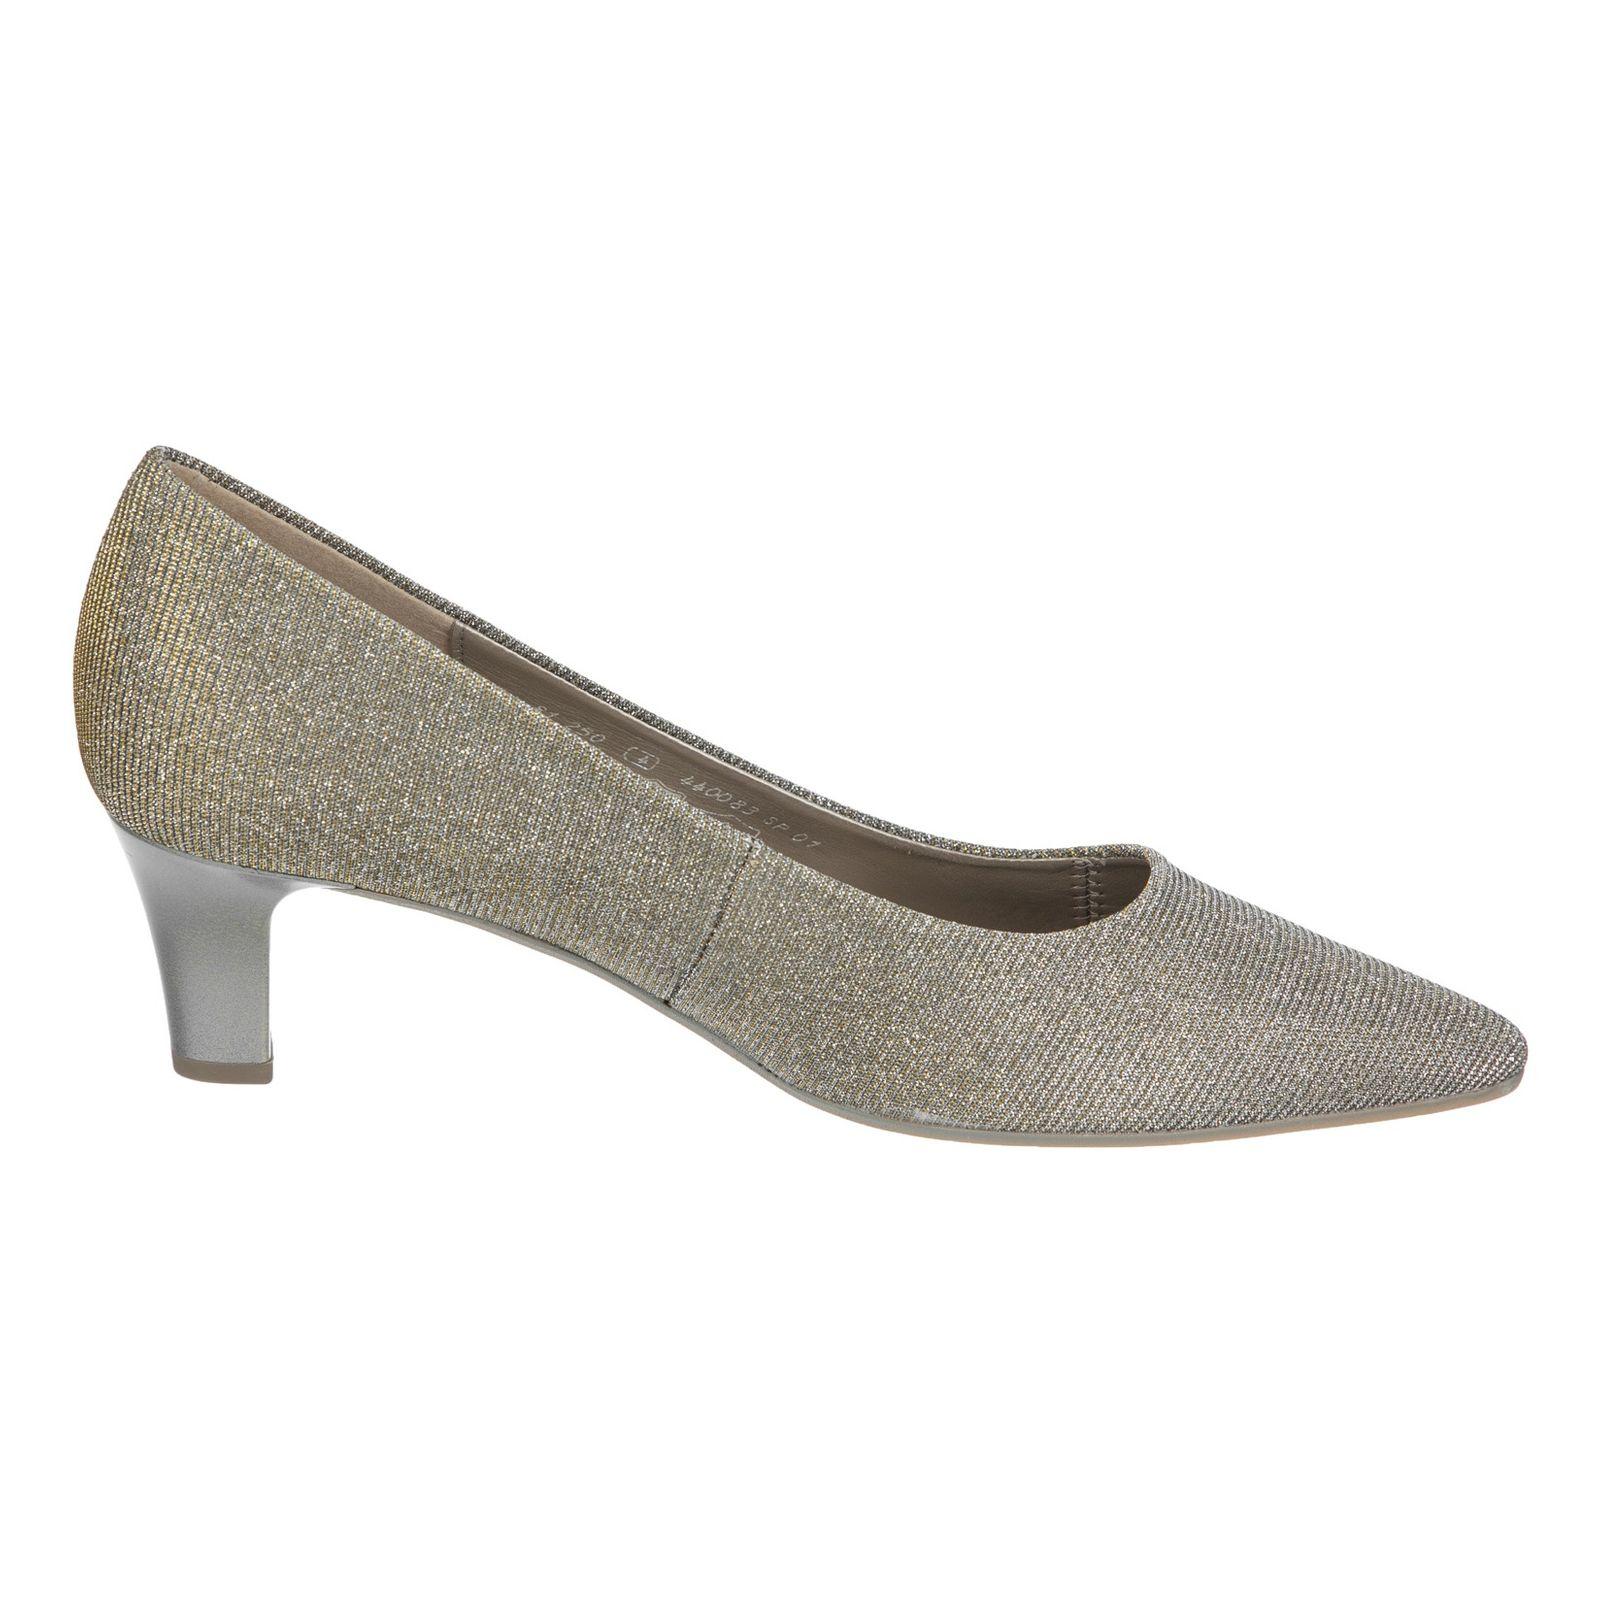 کفش زنانه گابور مدل 81.250.62 main 1 5